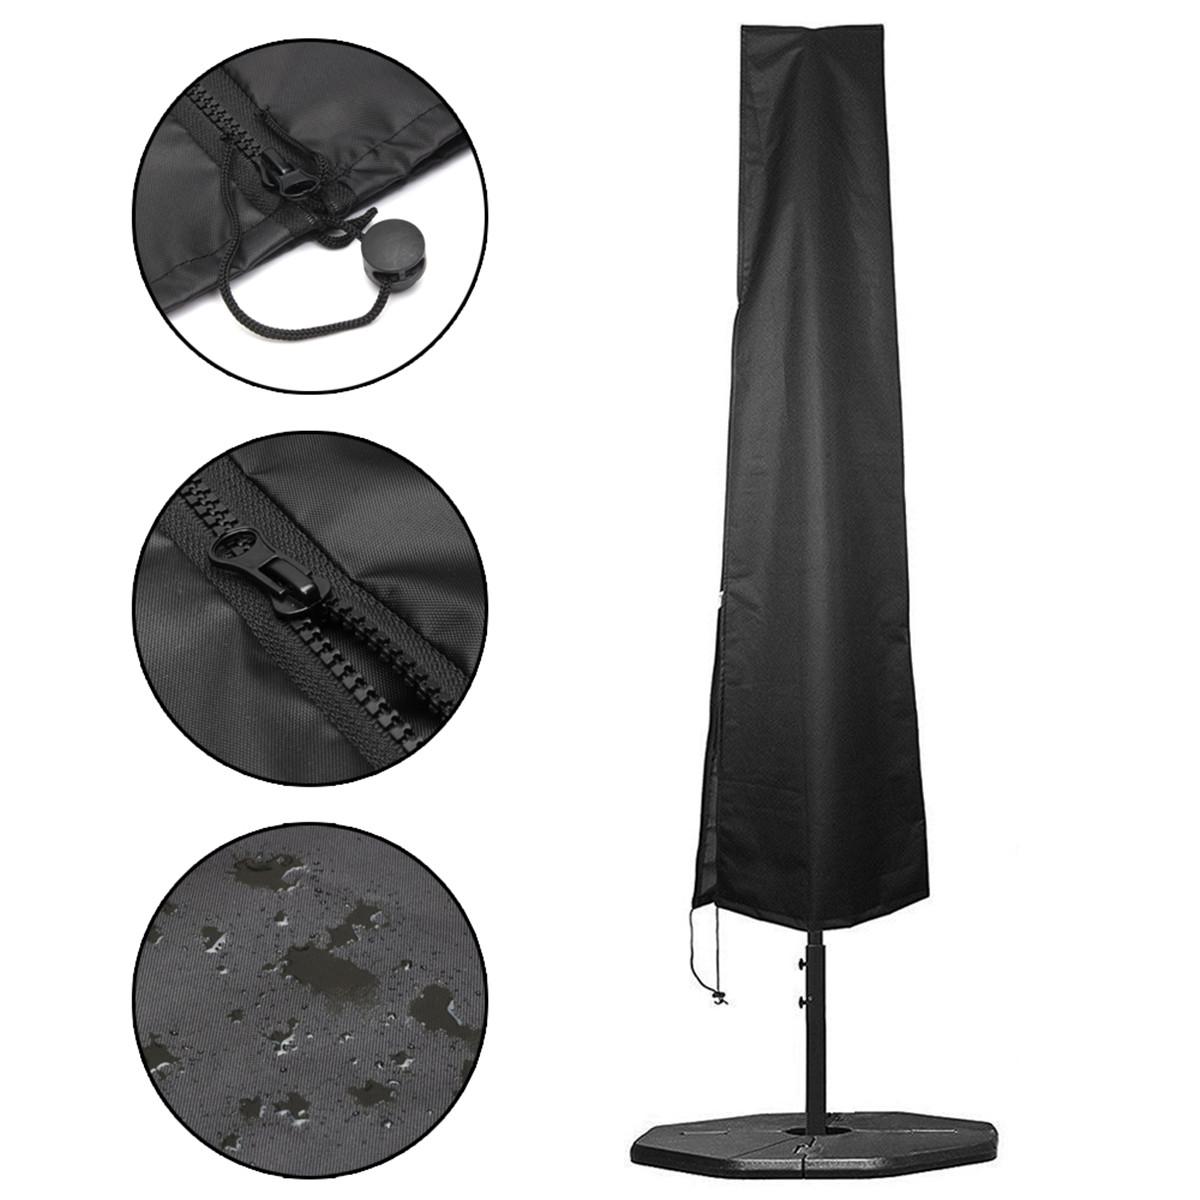 Зонтзонтик91inchбольшойВодонепроницаемыЧехол Dust Rain UV Защитник Зонт